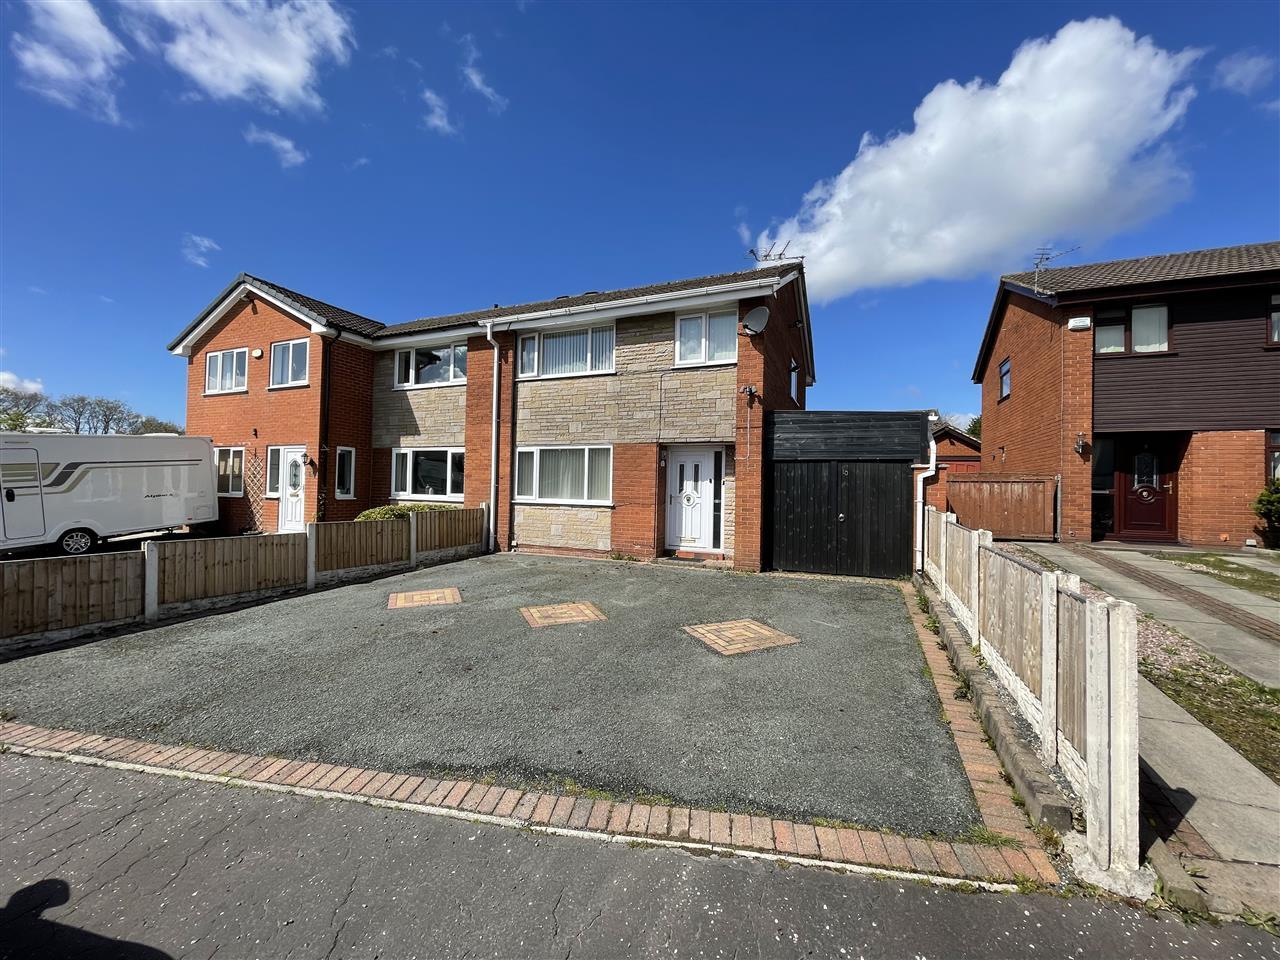 3 bed semi-detached for sale in Balmoral, Adlington, Adlington - Property Image 1